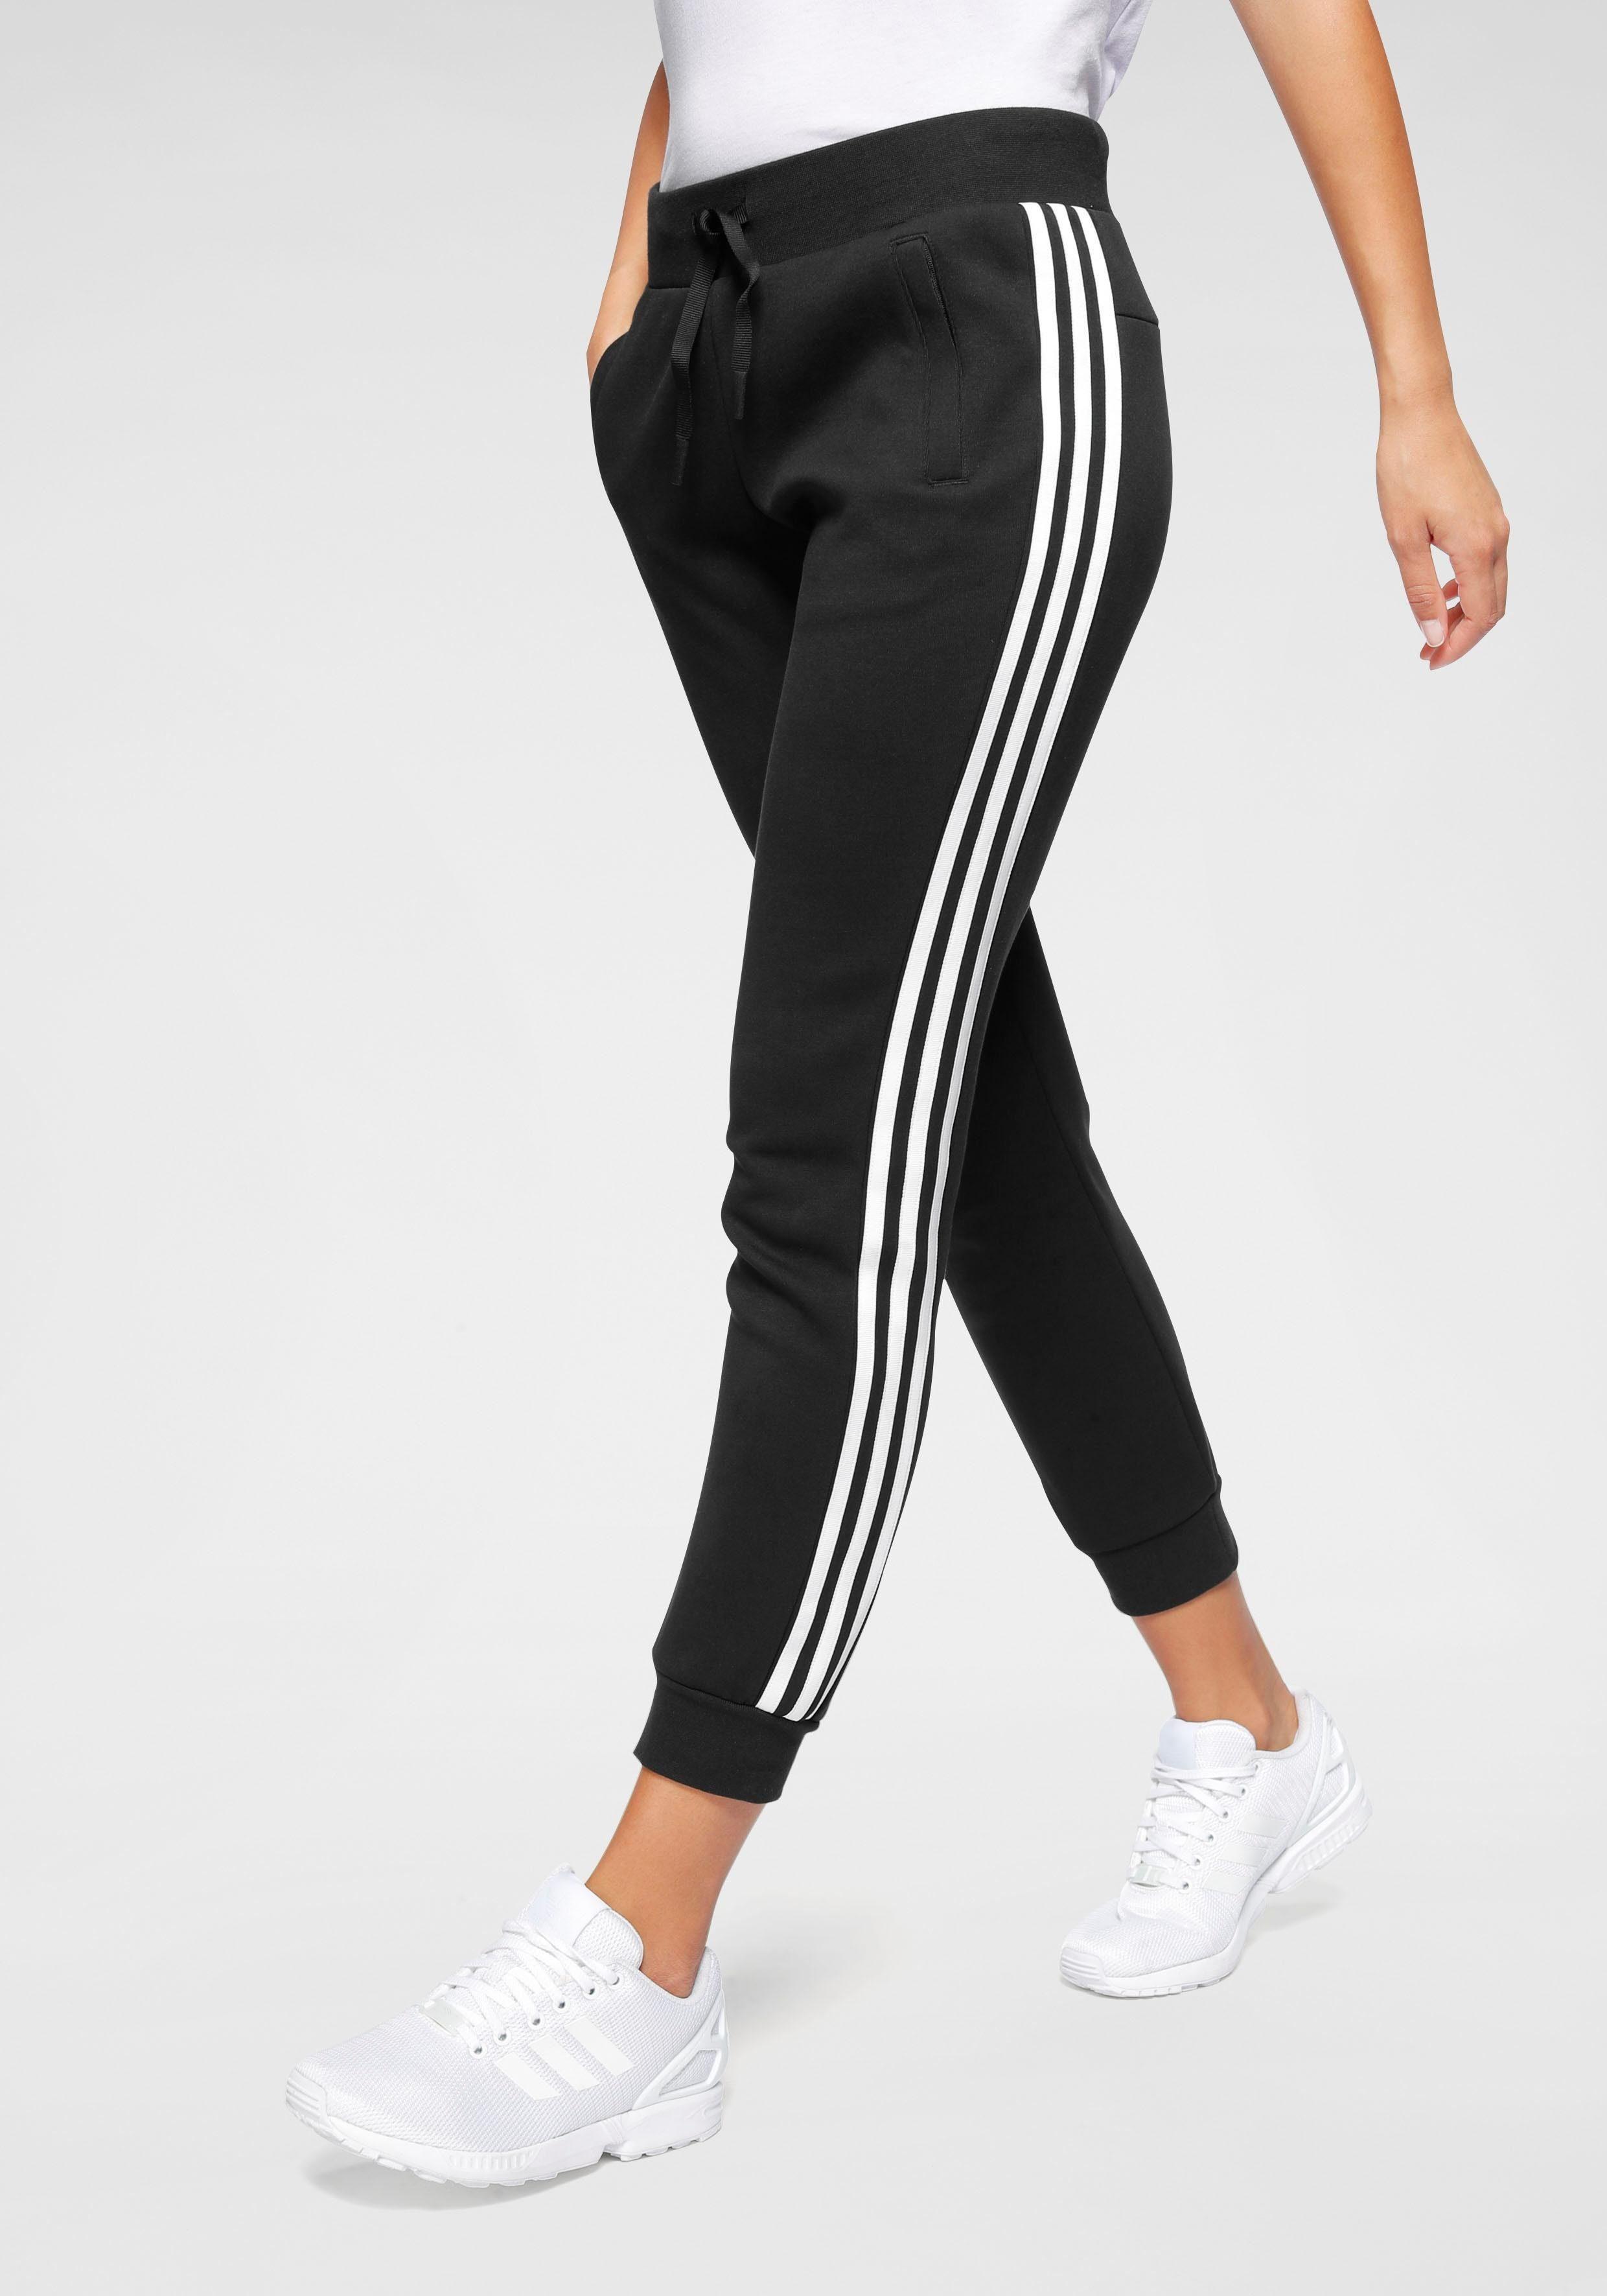 Sportkleding voor dames kopen? Bekijk de nieuwe collectie | OTTO